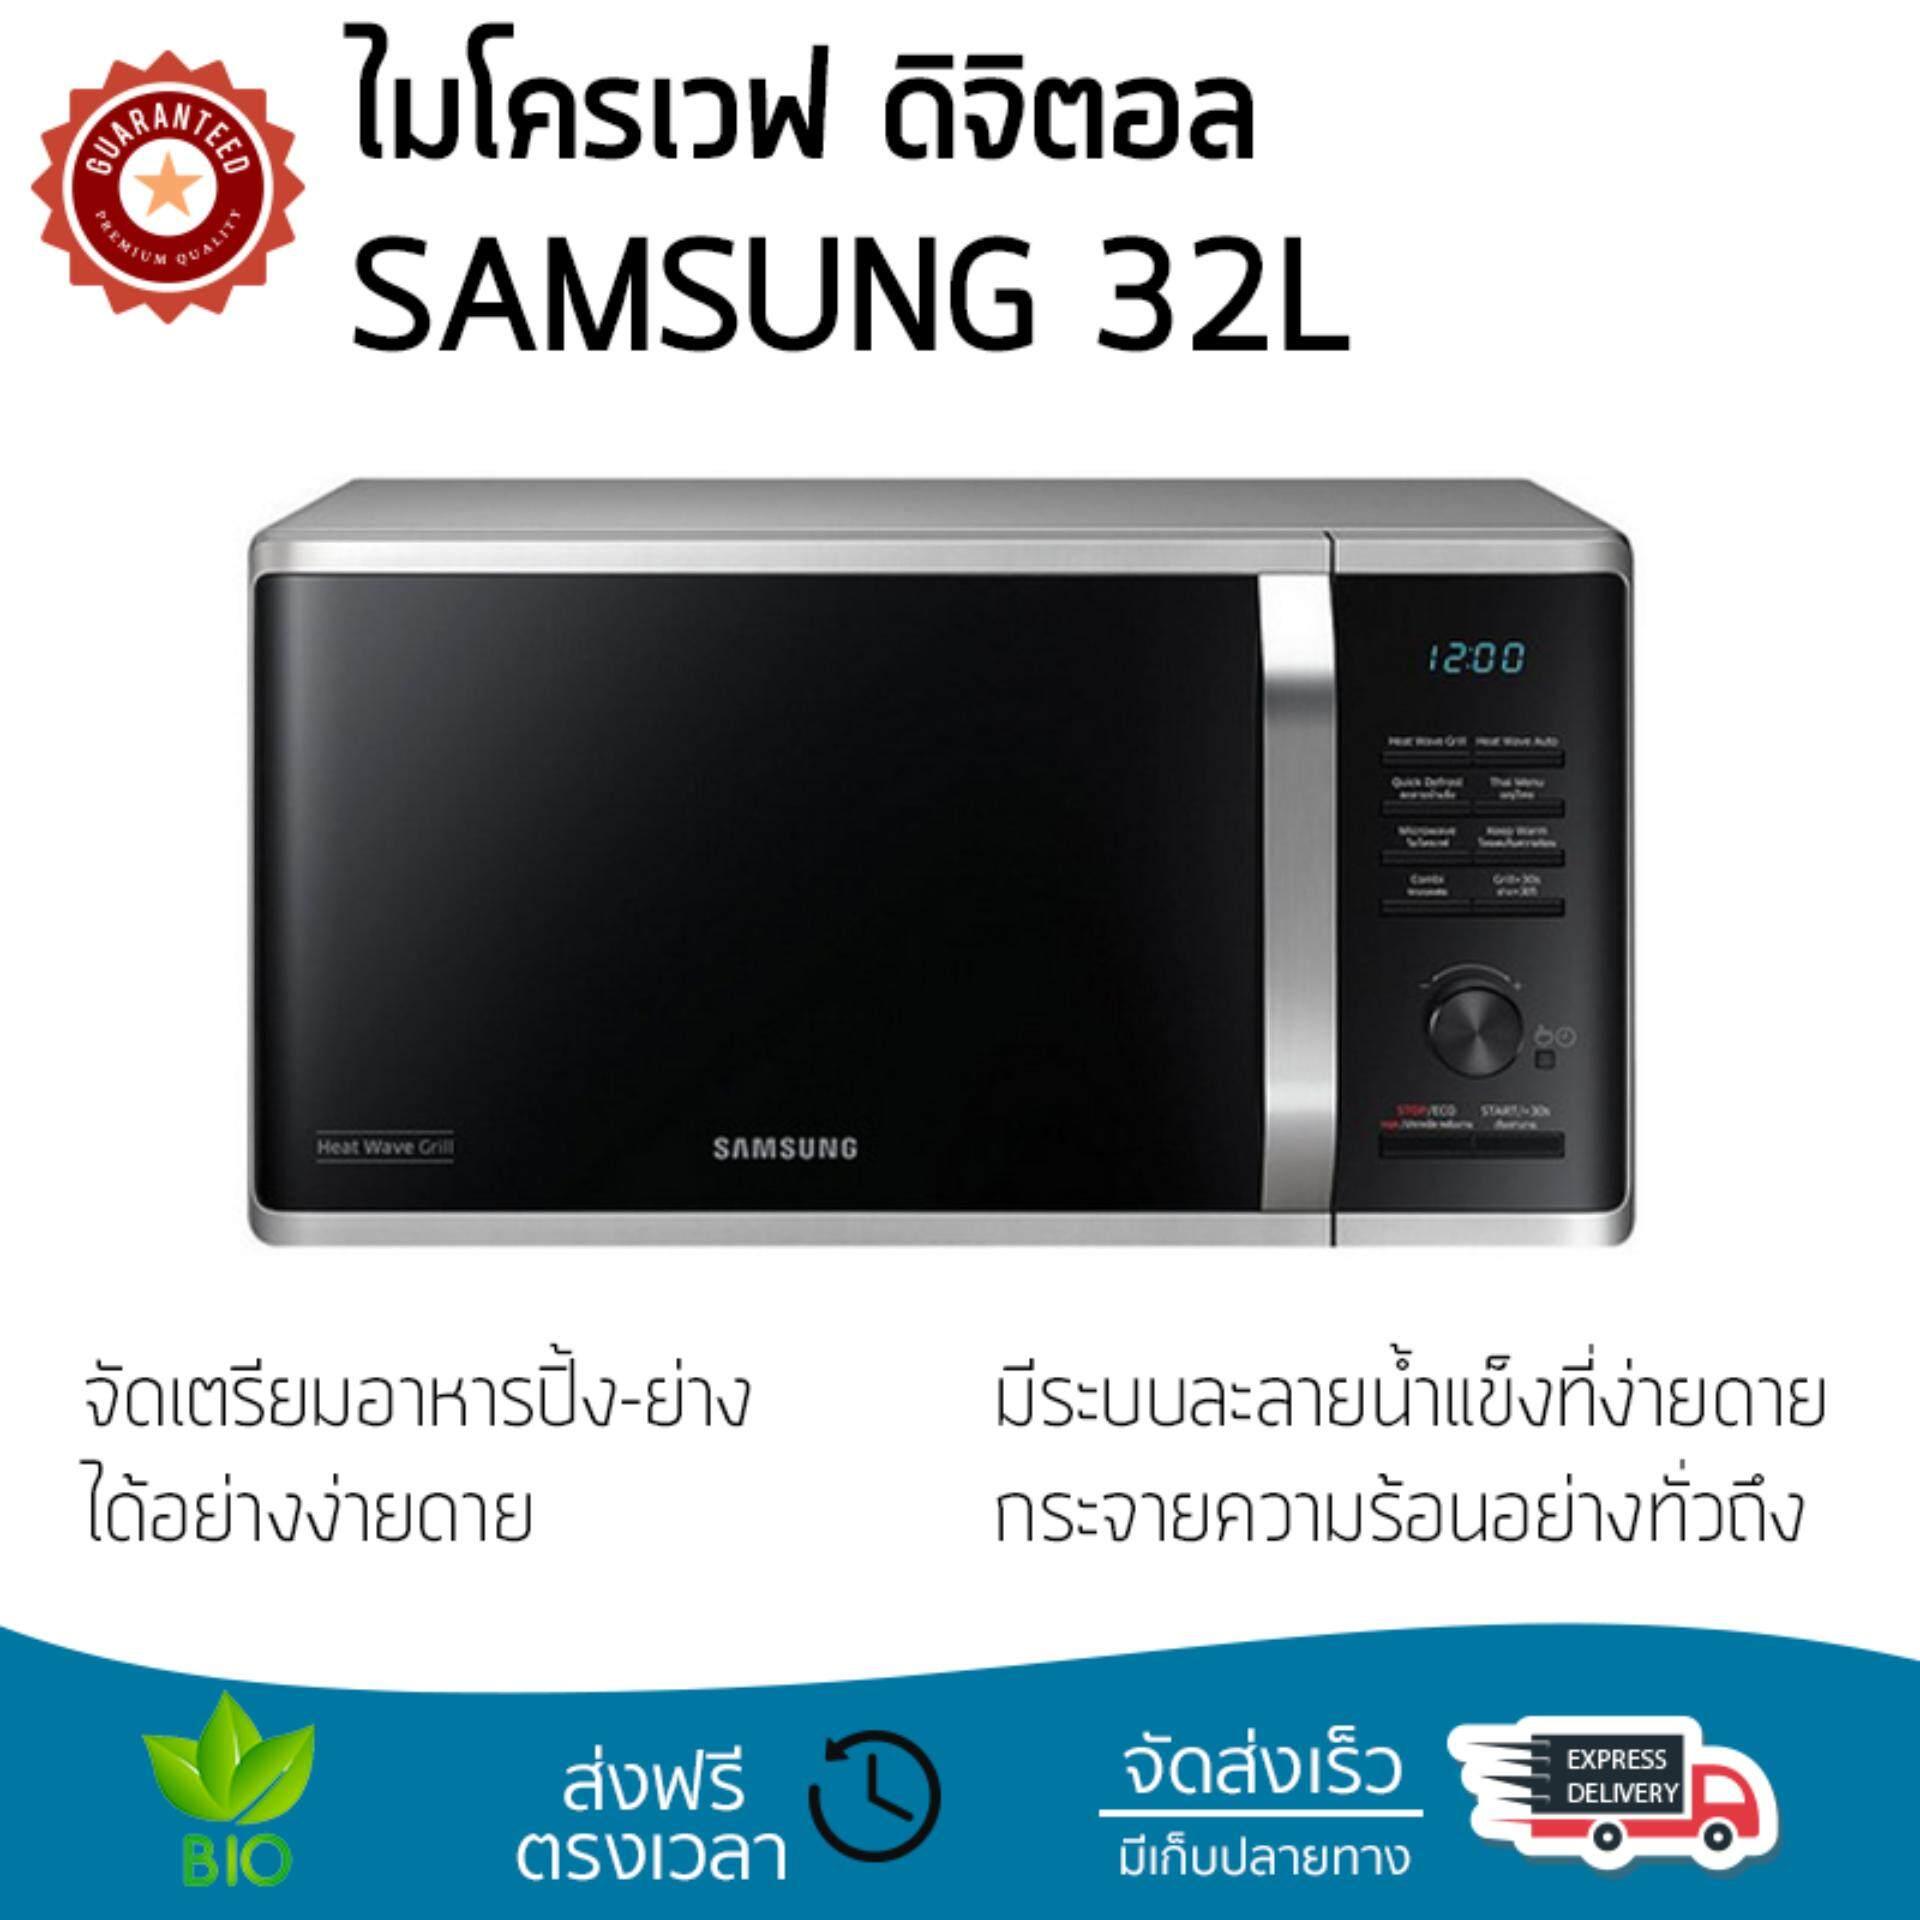 รุ่นใหม่ล่าสุด ไมโครเวฟ เตาอบไมโครเวฟ ไมโครเวฟ ดิจิตอล SAMSUNG MG23K3575AS/ST 23L   SAMSUNG   MG23K3575AS/ST ปรับระดับความร้อนได้หลายระดับ มีฟังก์ชันละลายน้ำแข็ง ใช้งานง่าย Microwave จัดส่งฟรีทั่วประเทศ